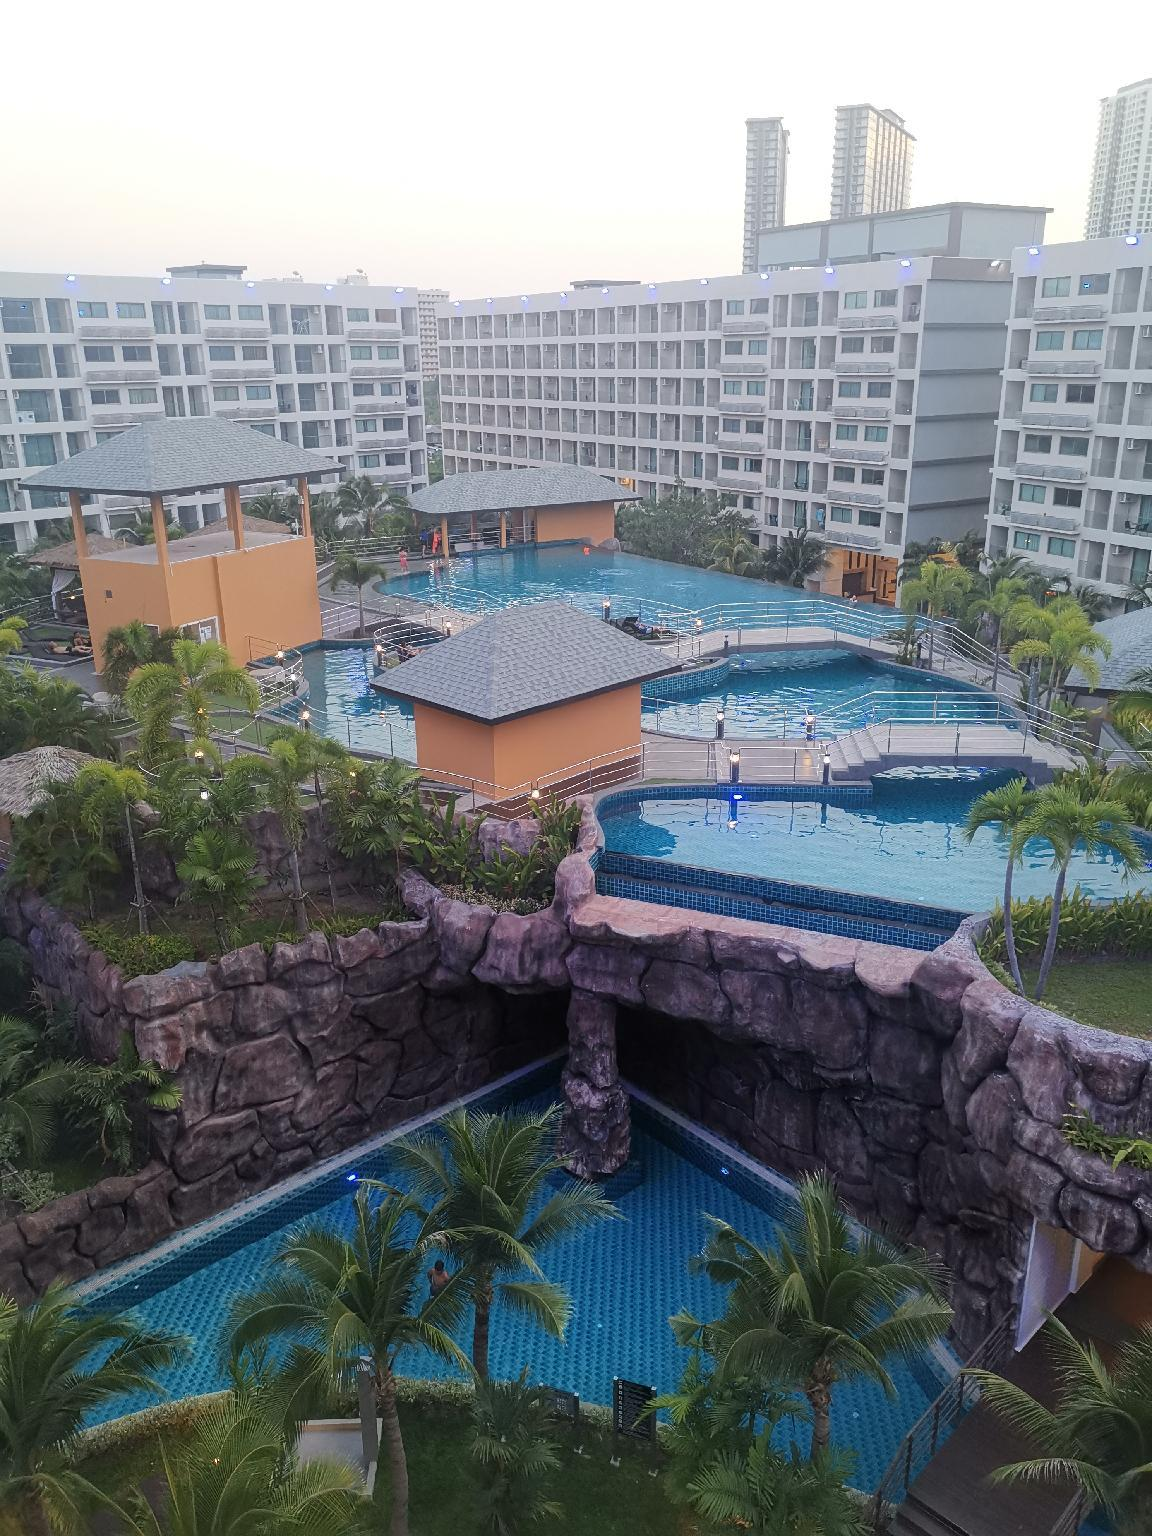 Pattaya Largest Pool Maldives 1bed Chill